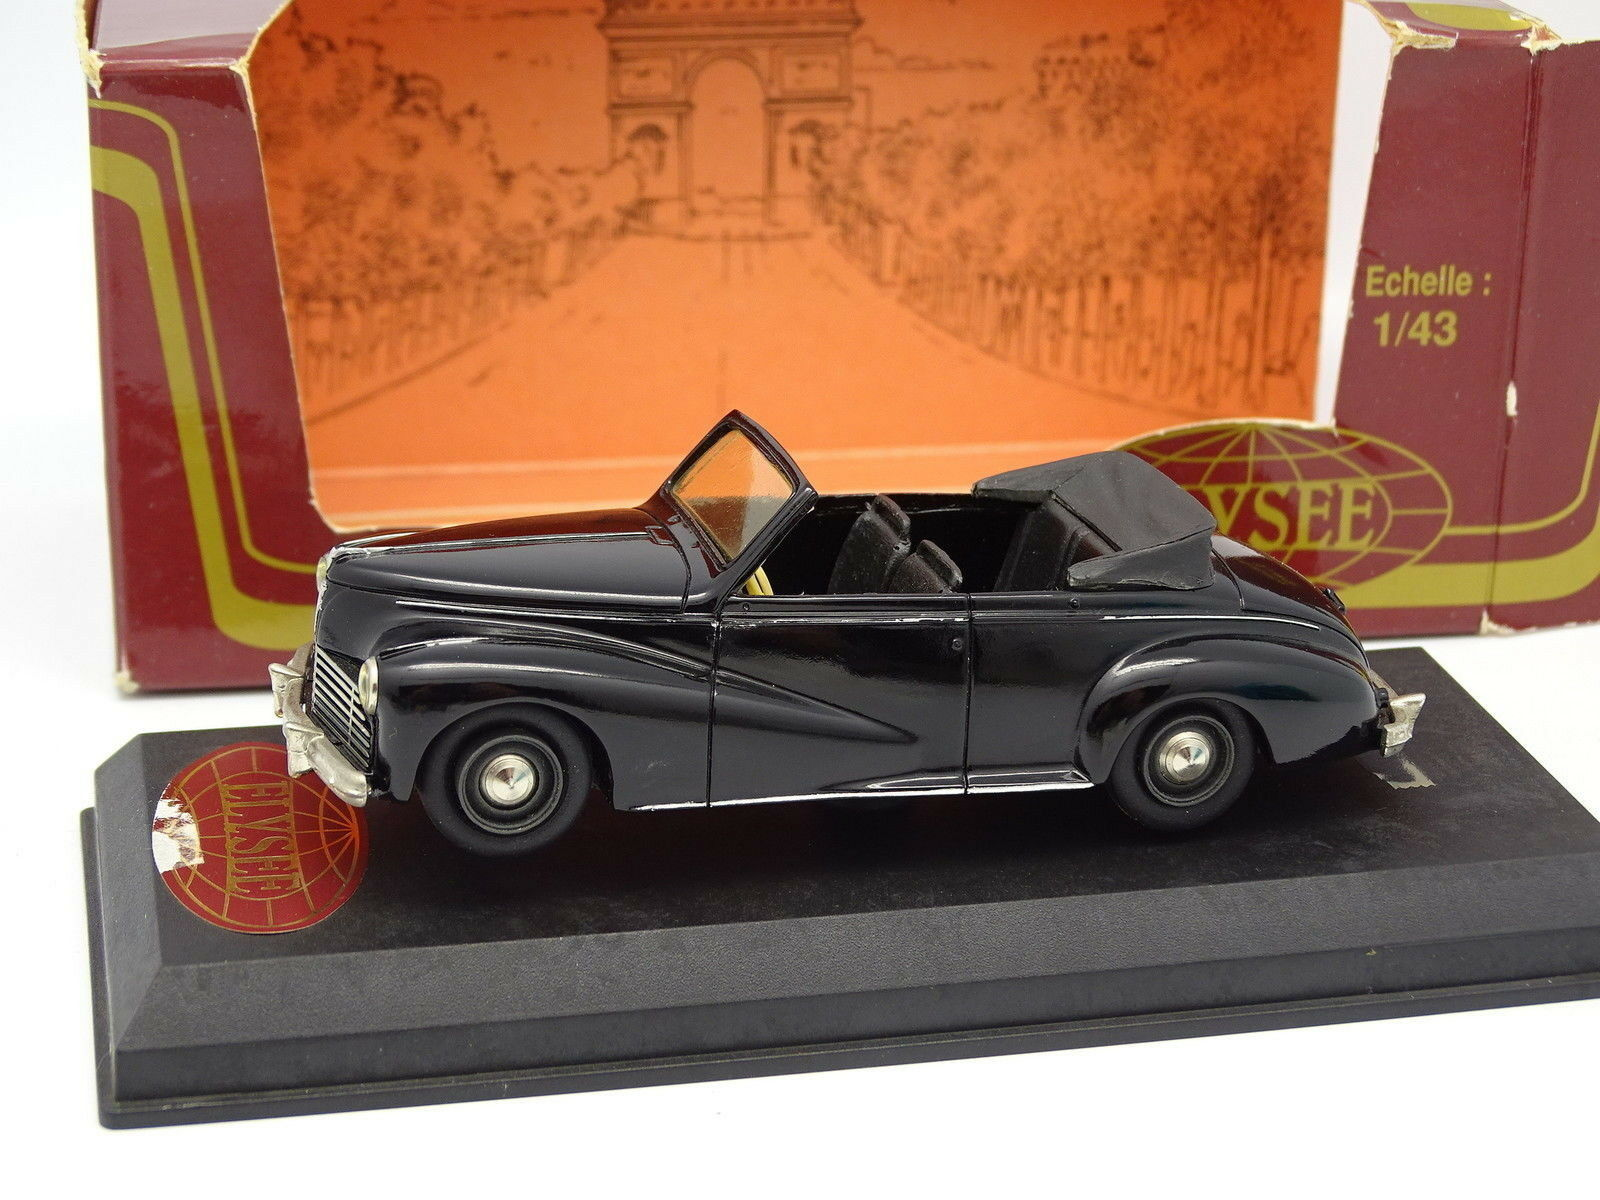 Elysée Résine 1 43 - Peugeot 203 Cabriolet 4 Places negroe 1950